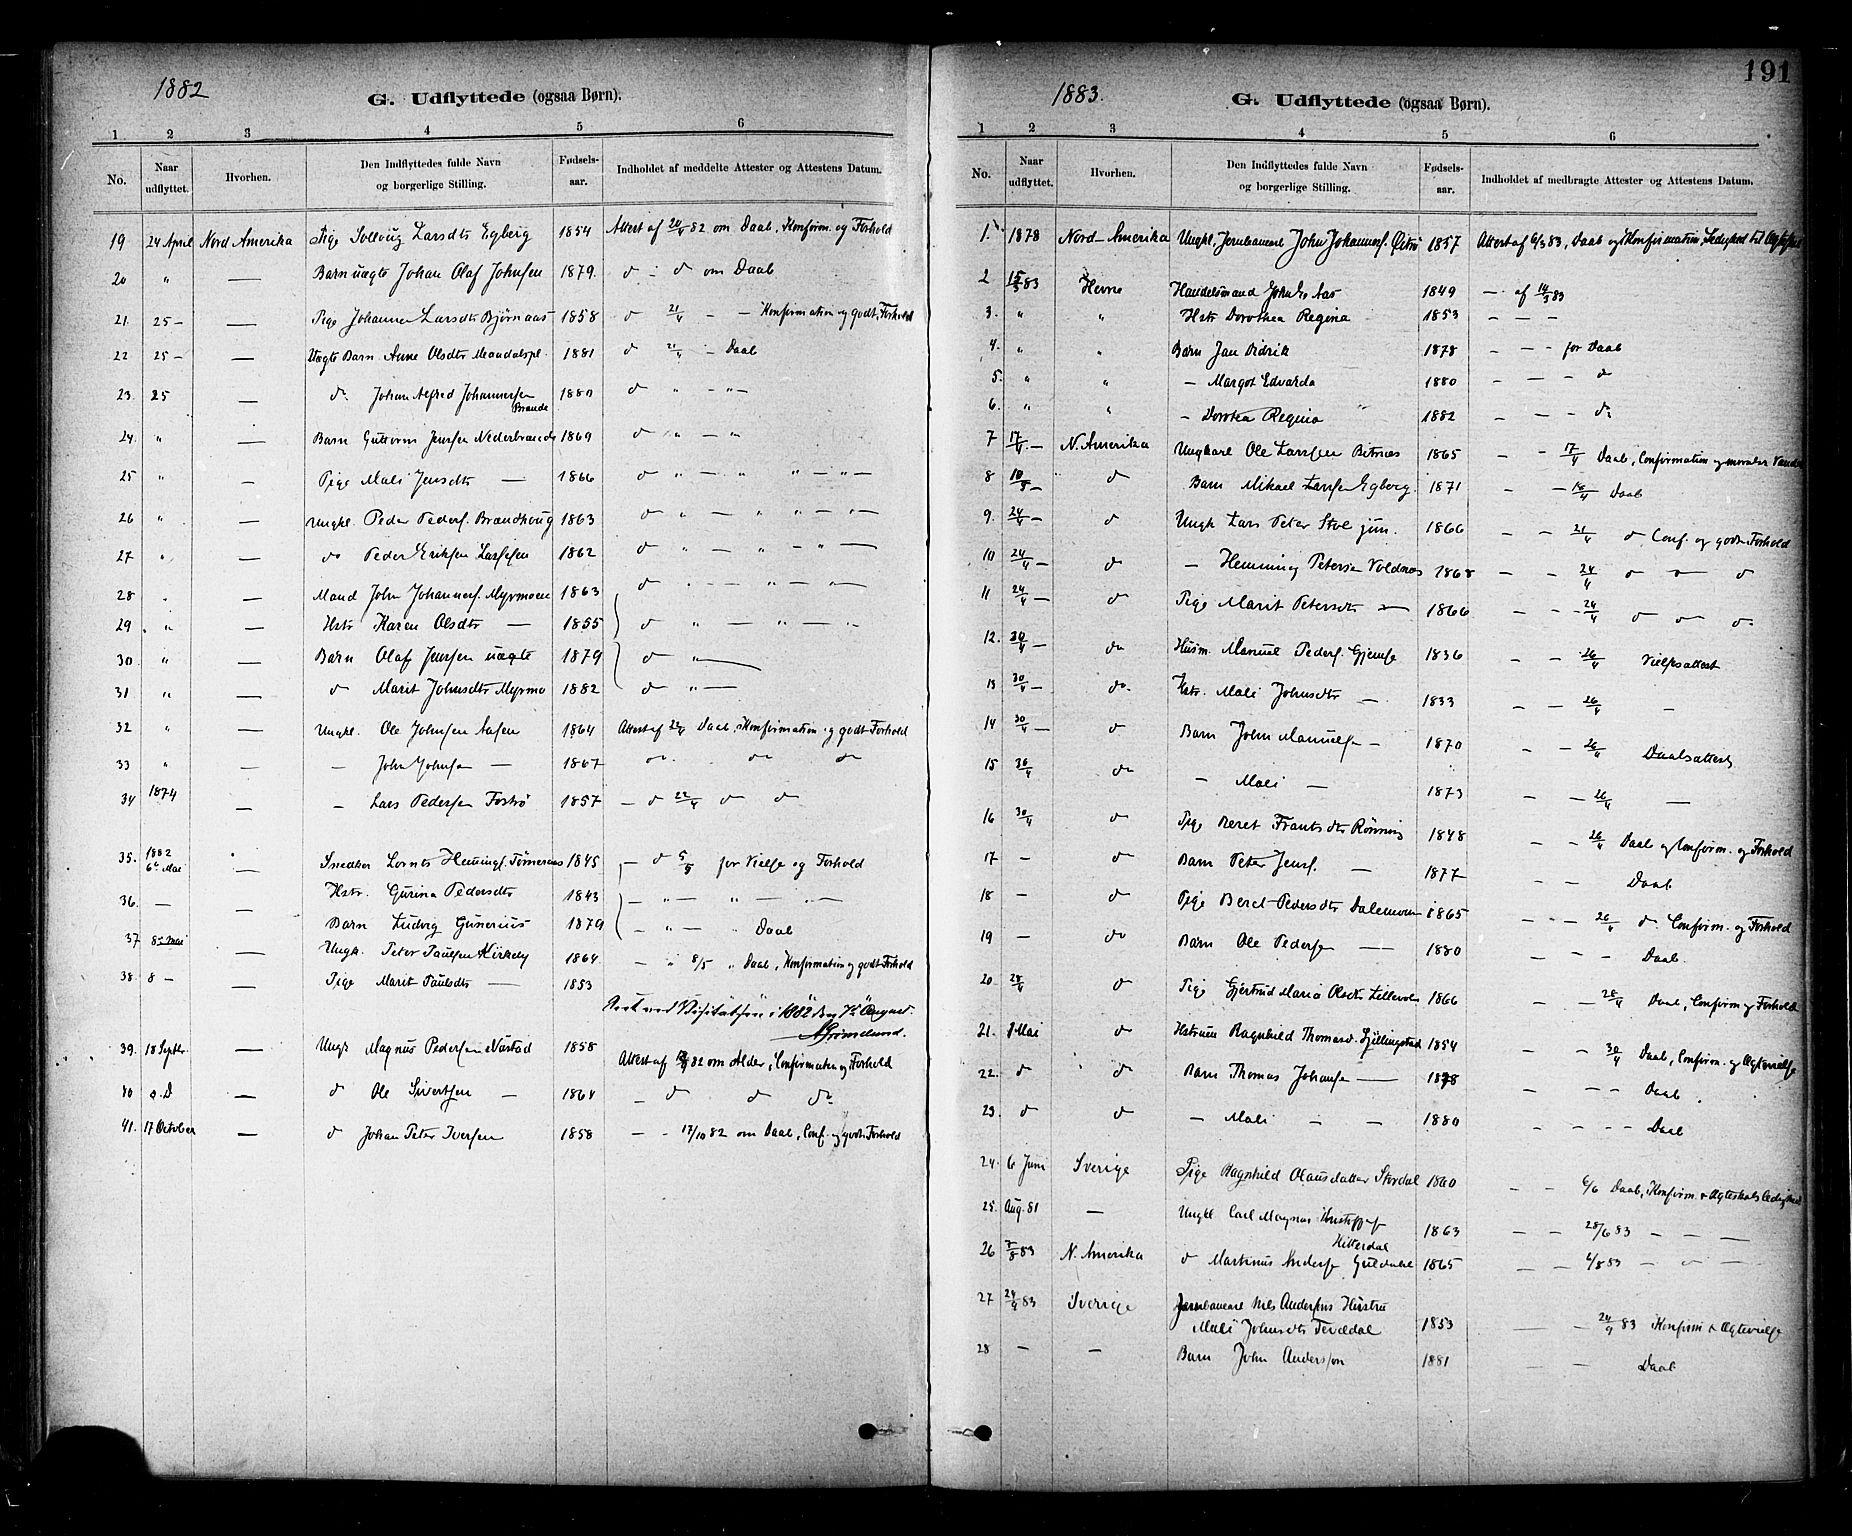 SAT, Ministerialprotokoller, klokkerbøker og fødselsregistre - Nord-Trøndelag, 706/L0047: Parish register (official) no. 706A03, 1878-1892, p. 191